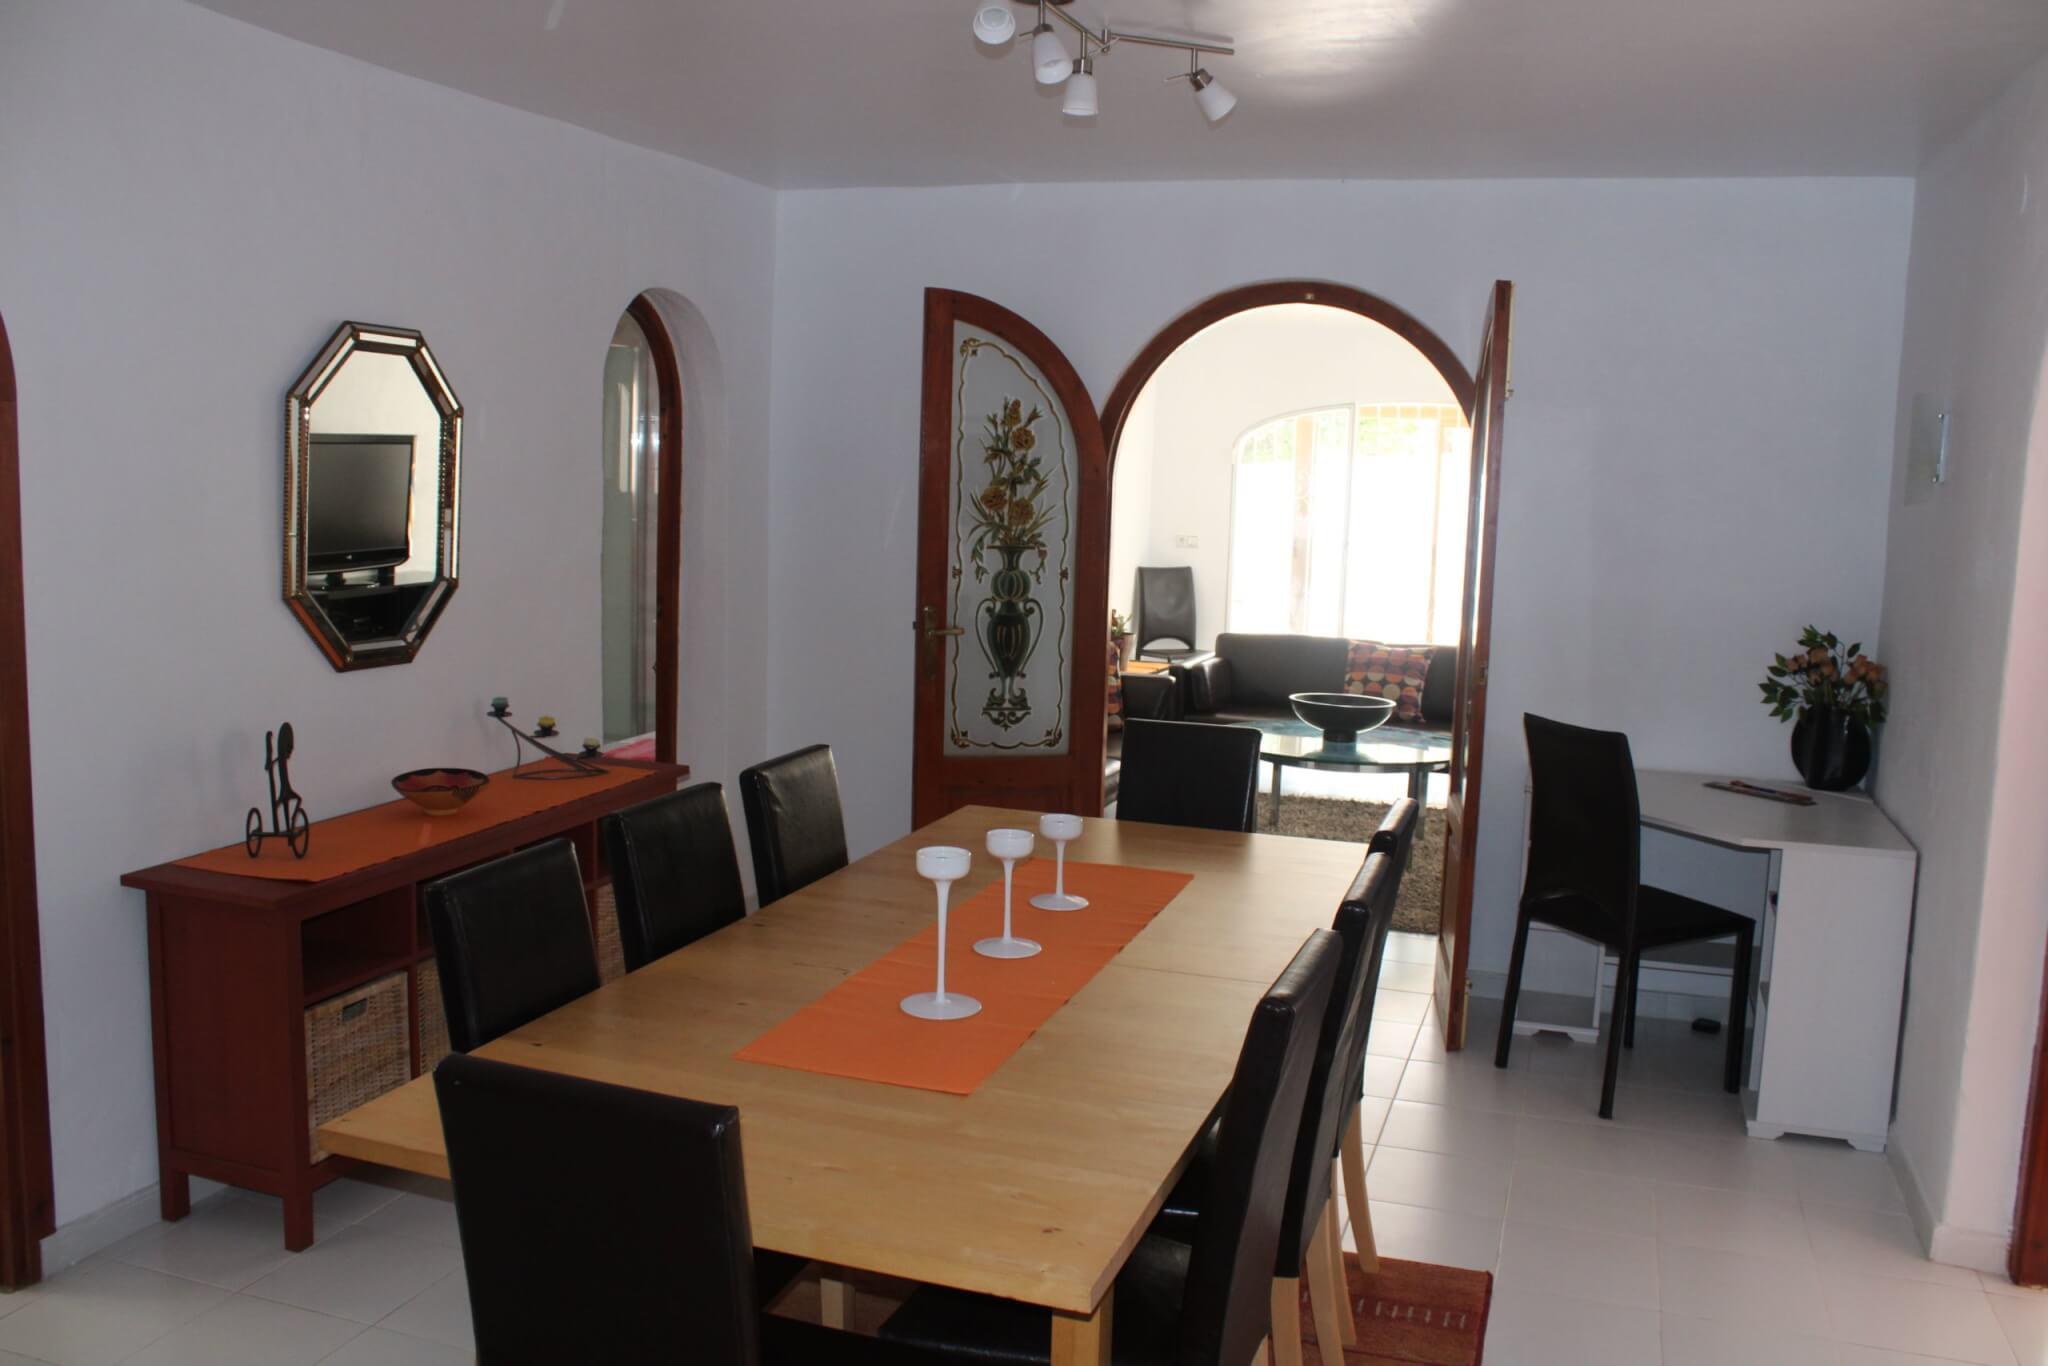 La salle à manger au centre de l'appartement